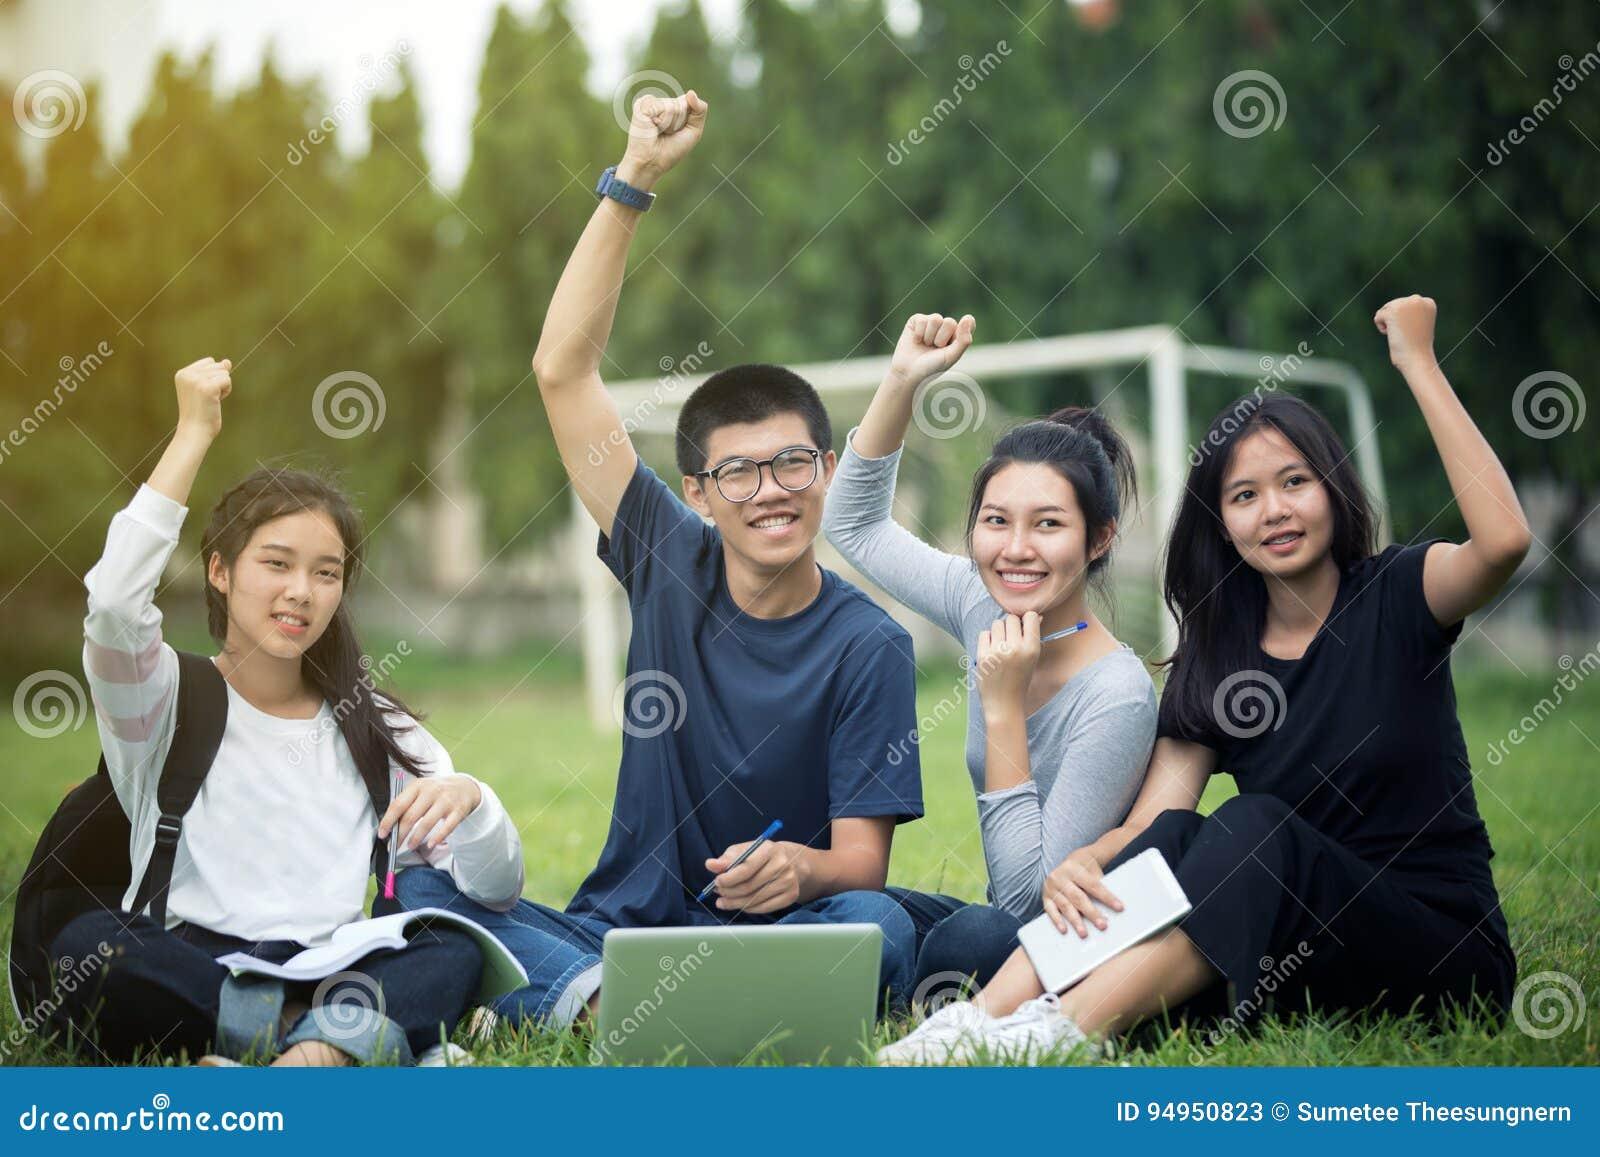 Aziatische Groep studentensucces en het winnen concept - gelukkige thee